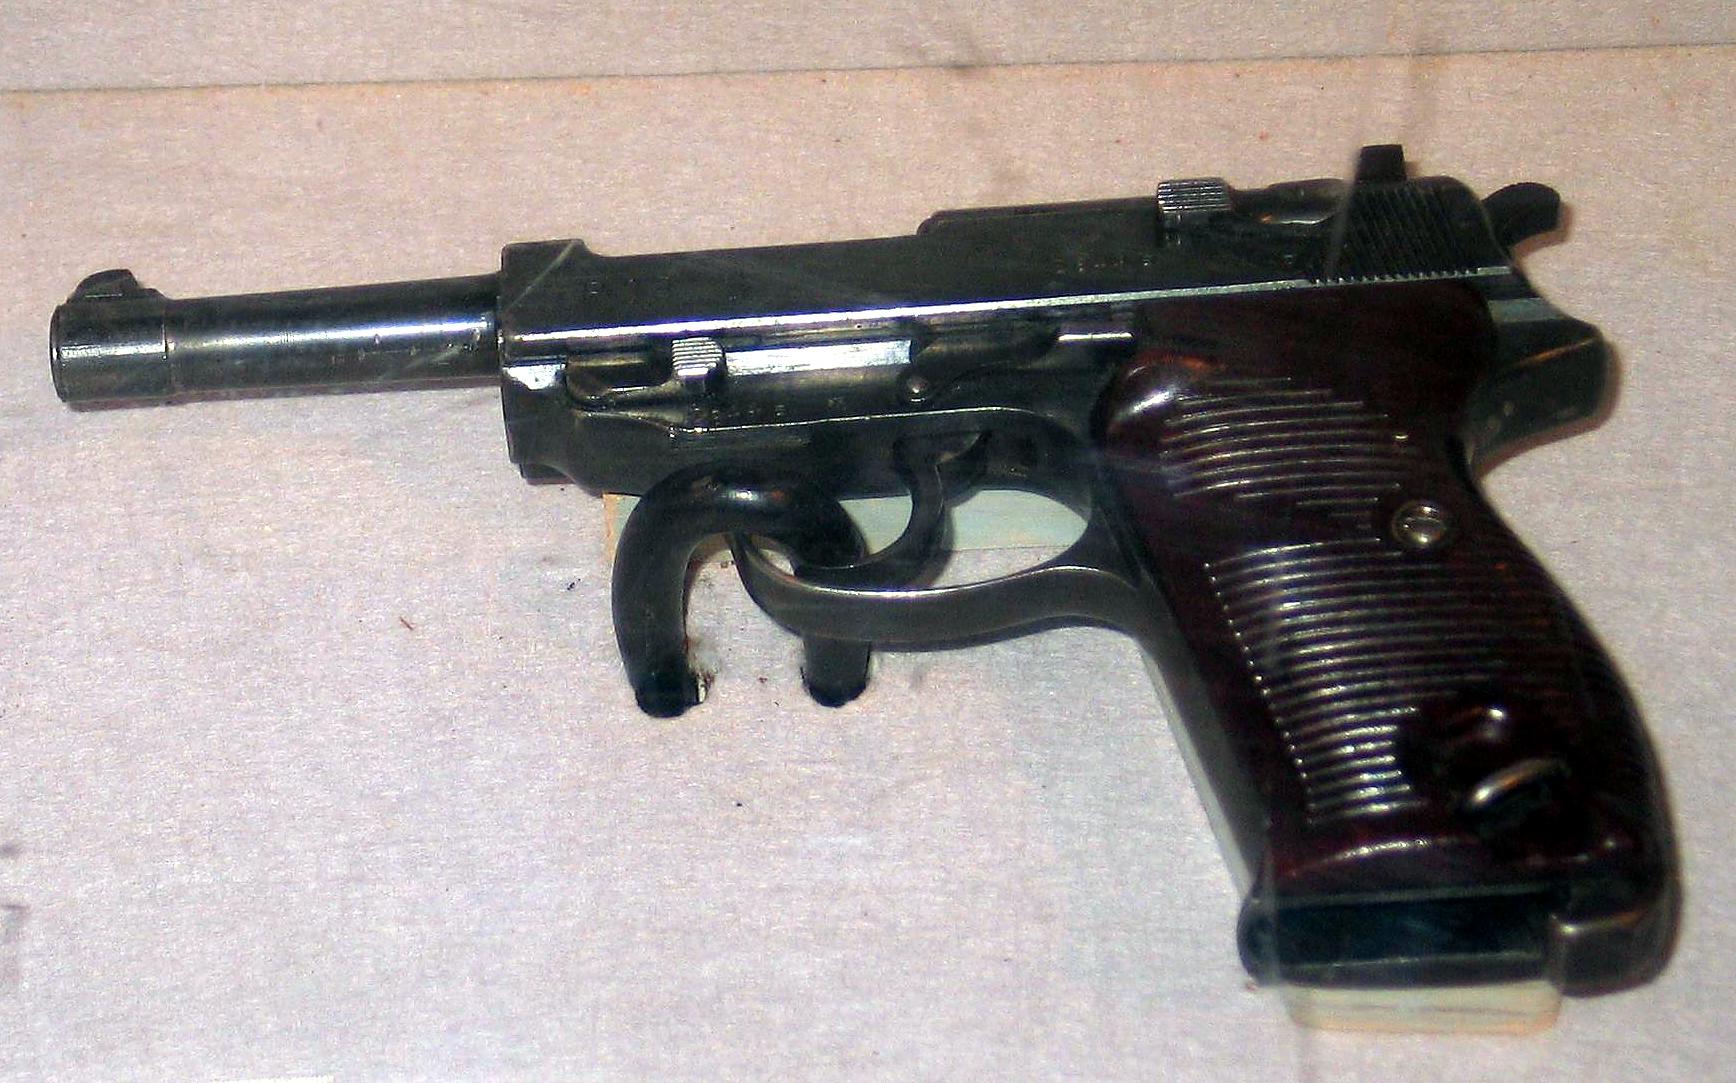 瓦爾特P38手槍 - 維基百科,德國 政治家,_中文百科全書